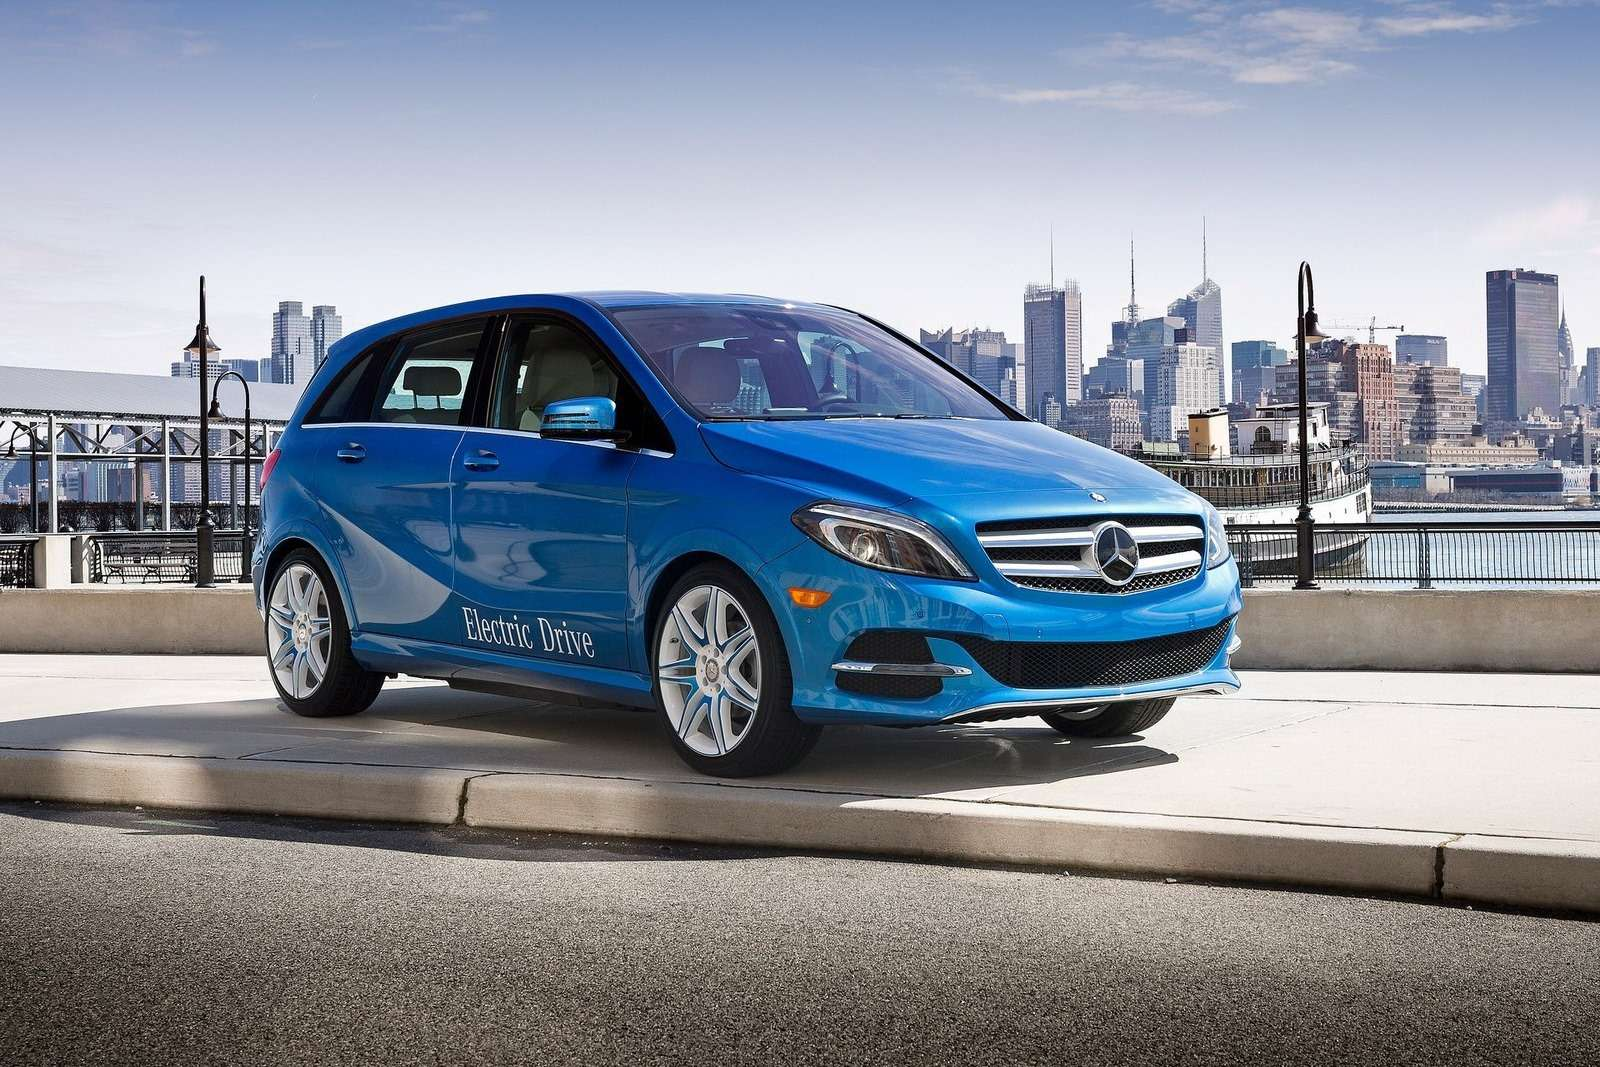 Se vende en los EE.UU. exclusivamente en forma totalmente eléctrico, el Mercedes- Benz B -Class Drive Electric es una propuesta única para el hombre o mujer americana con la mentalidad verde Foto: Mercedes Benz